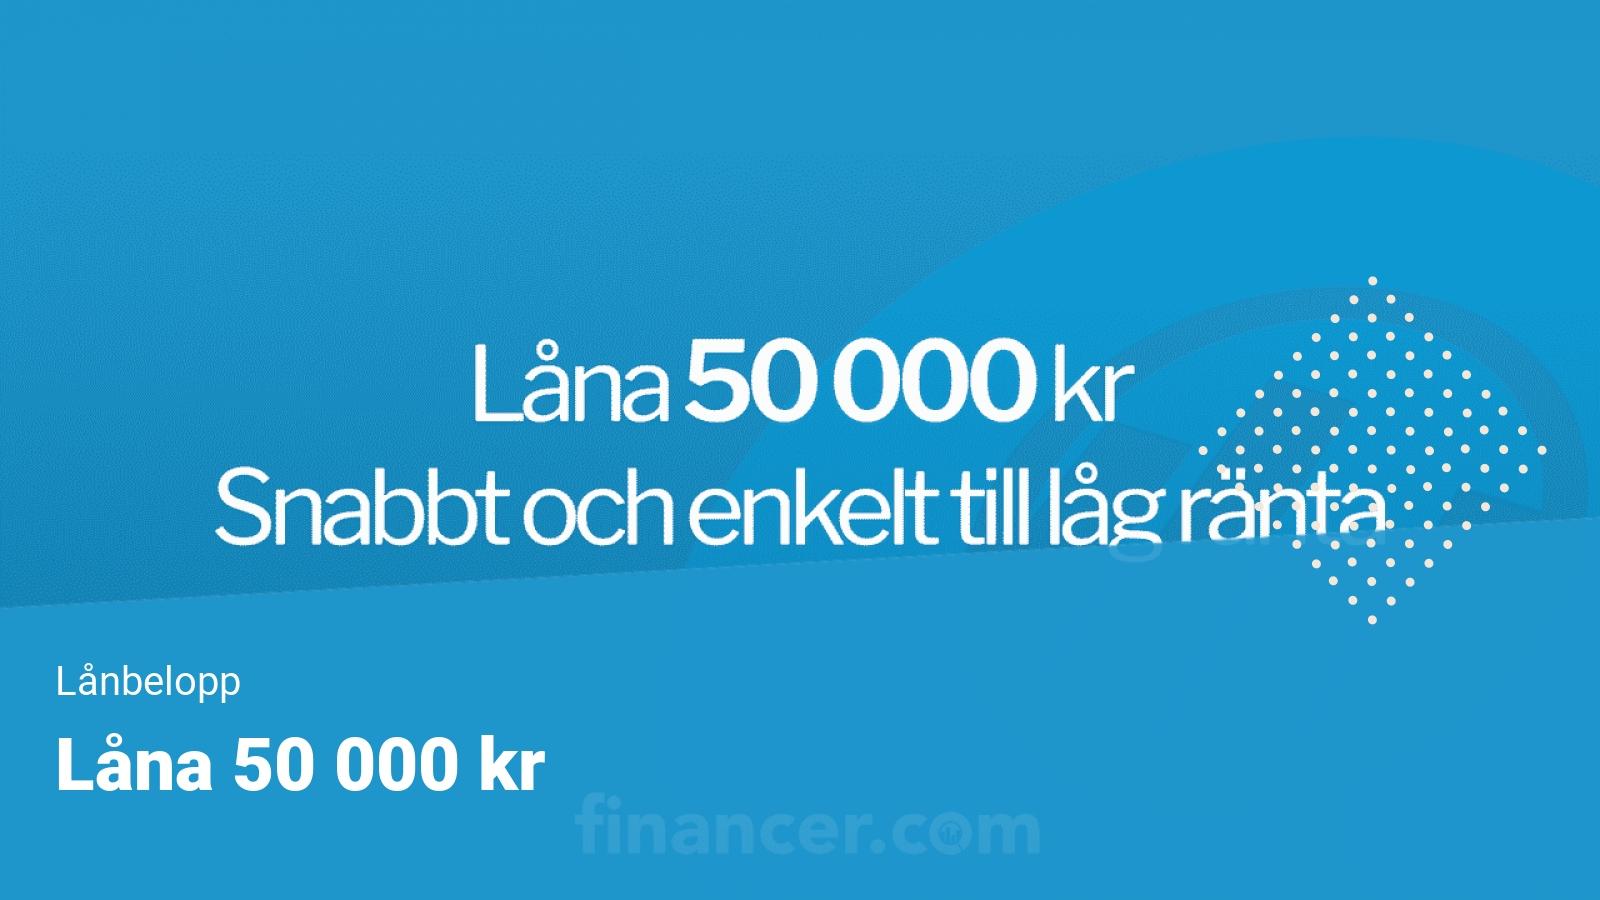 Låna 50 000 kronor på Financer.com till låg ränta